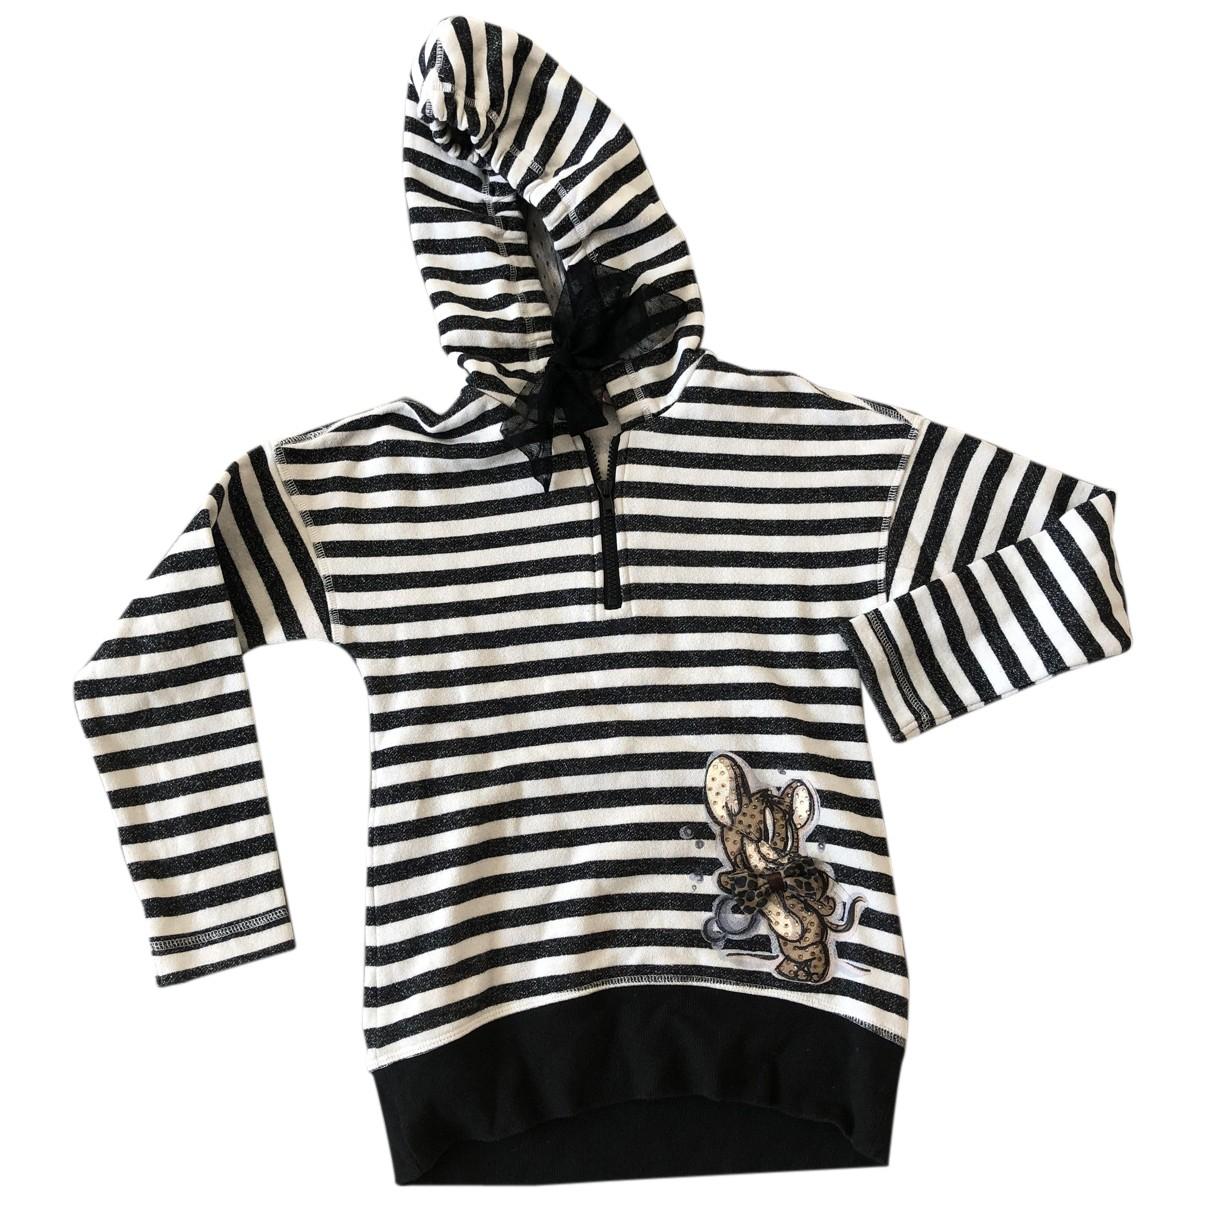 Monnalisa N Black Cotton Knitwear for Kids 12 years - XS UK